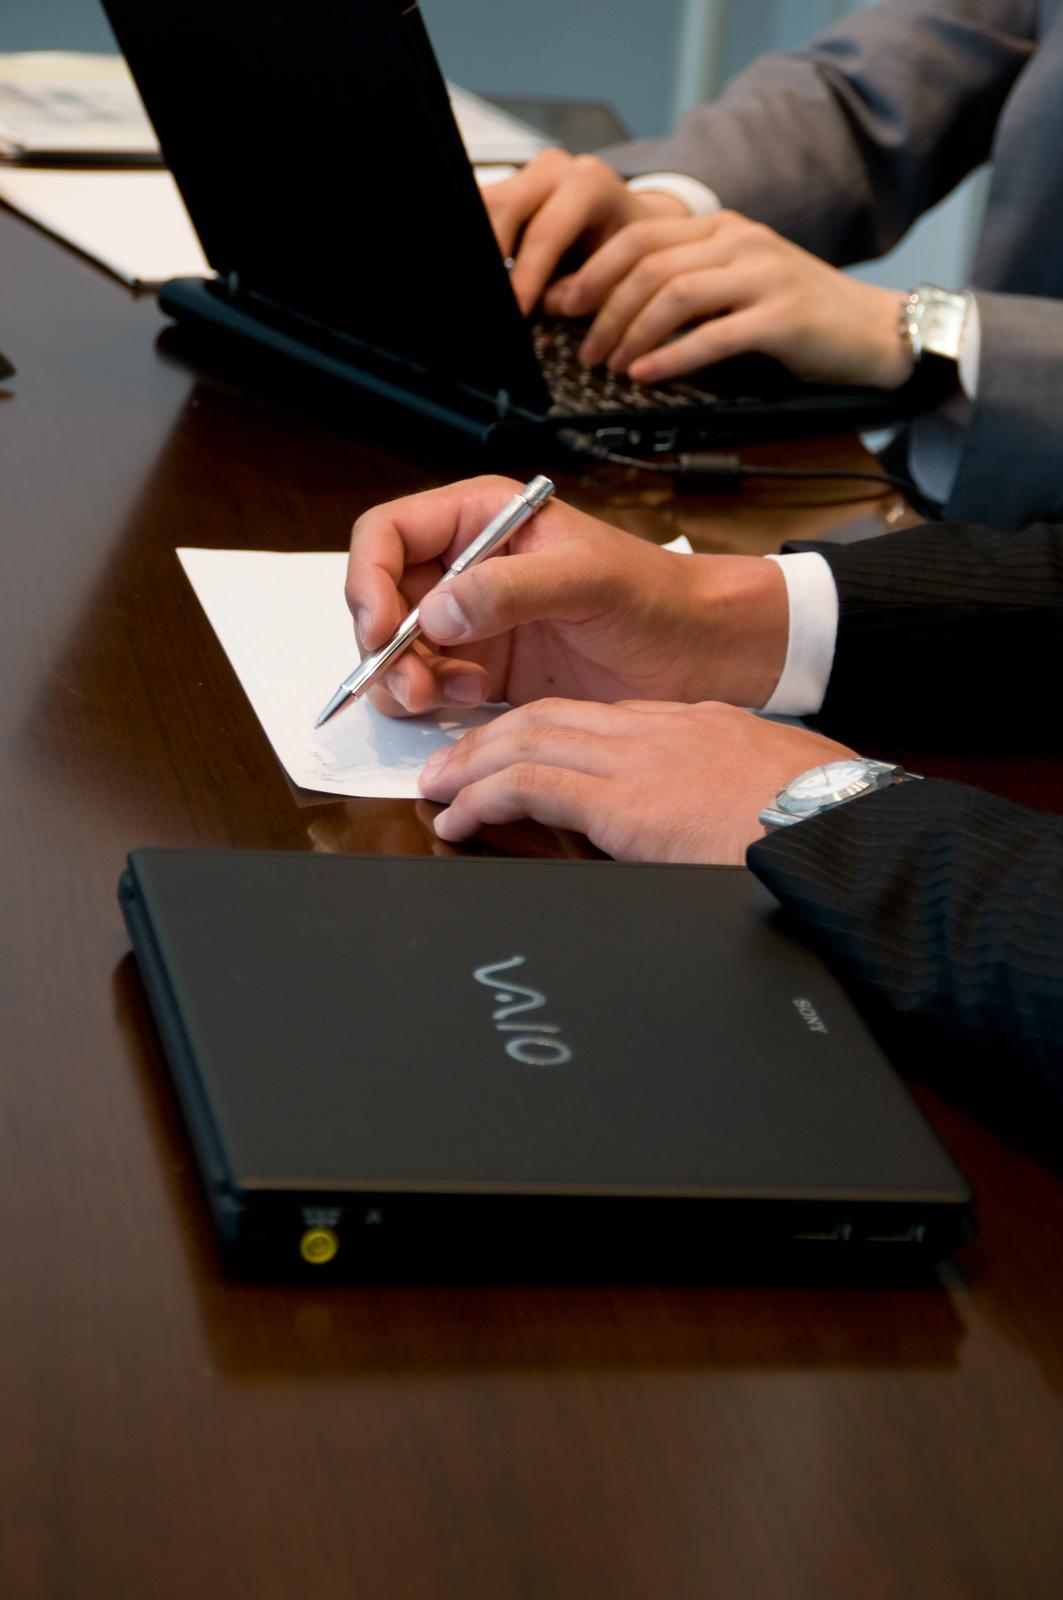 第10回柔道整復療養費検討専門委員会